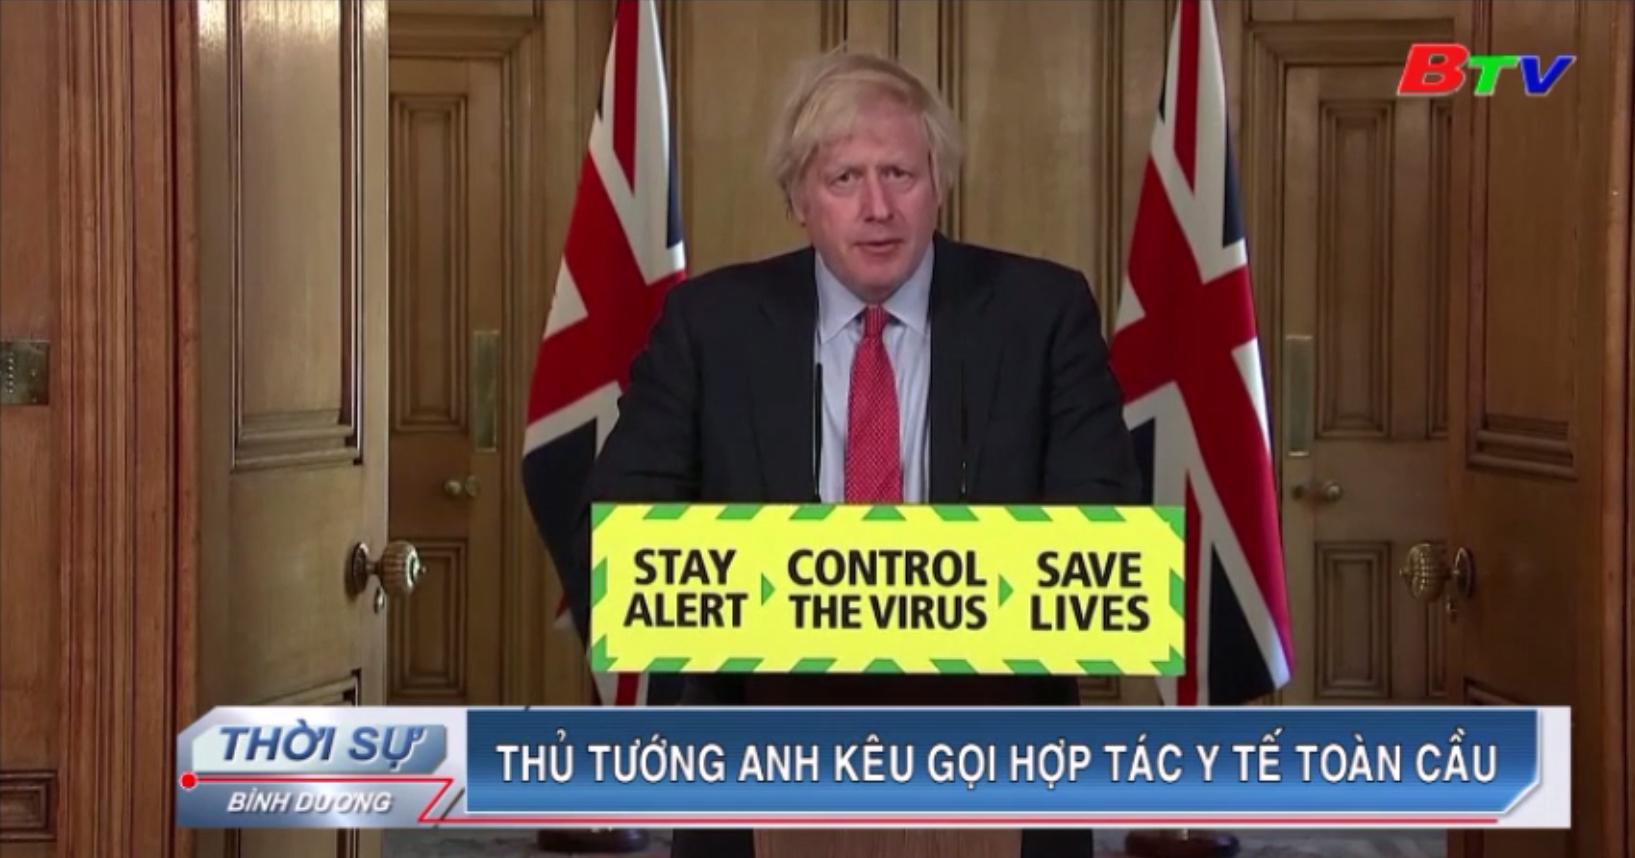 Thủ tướng Anh kêu gọi hợp tác y tế toàn cầu